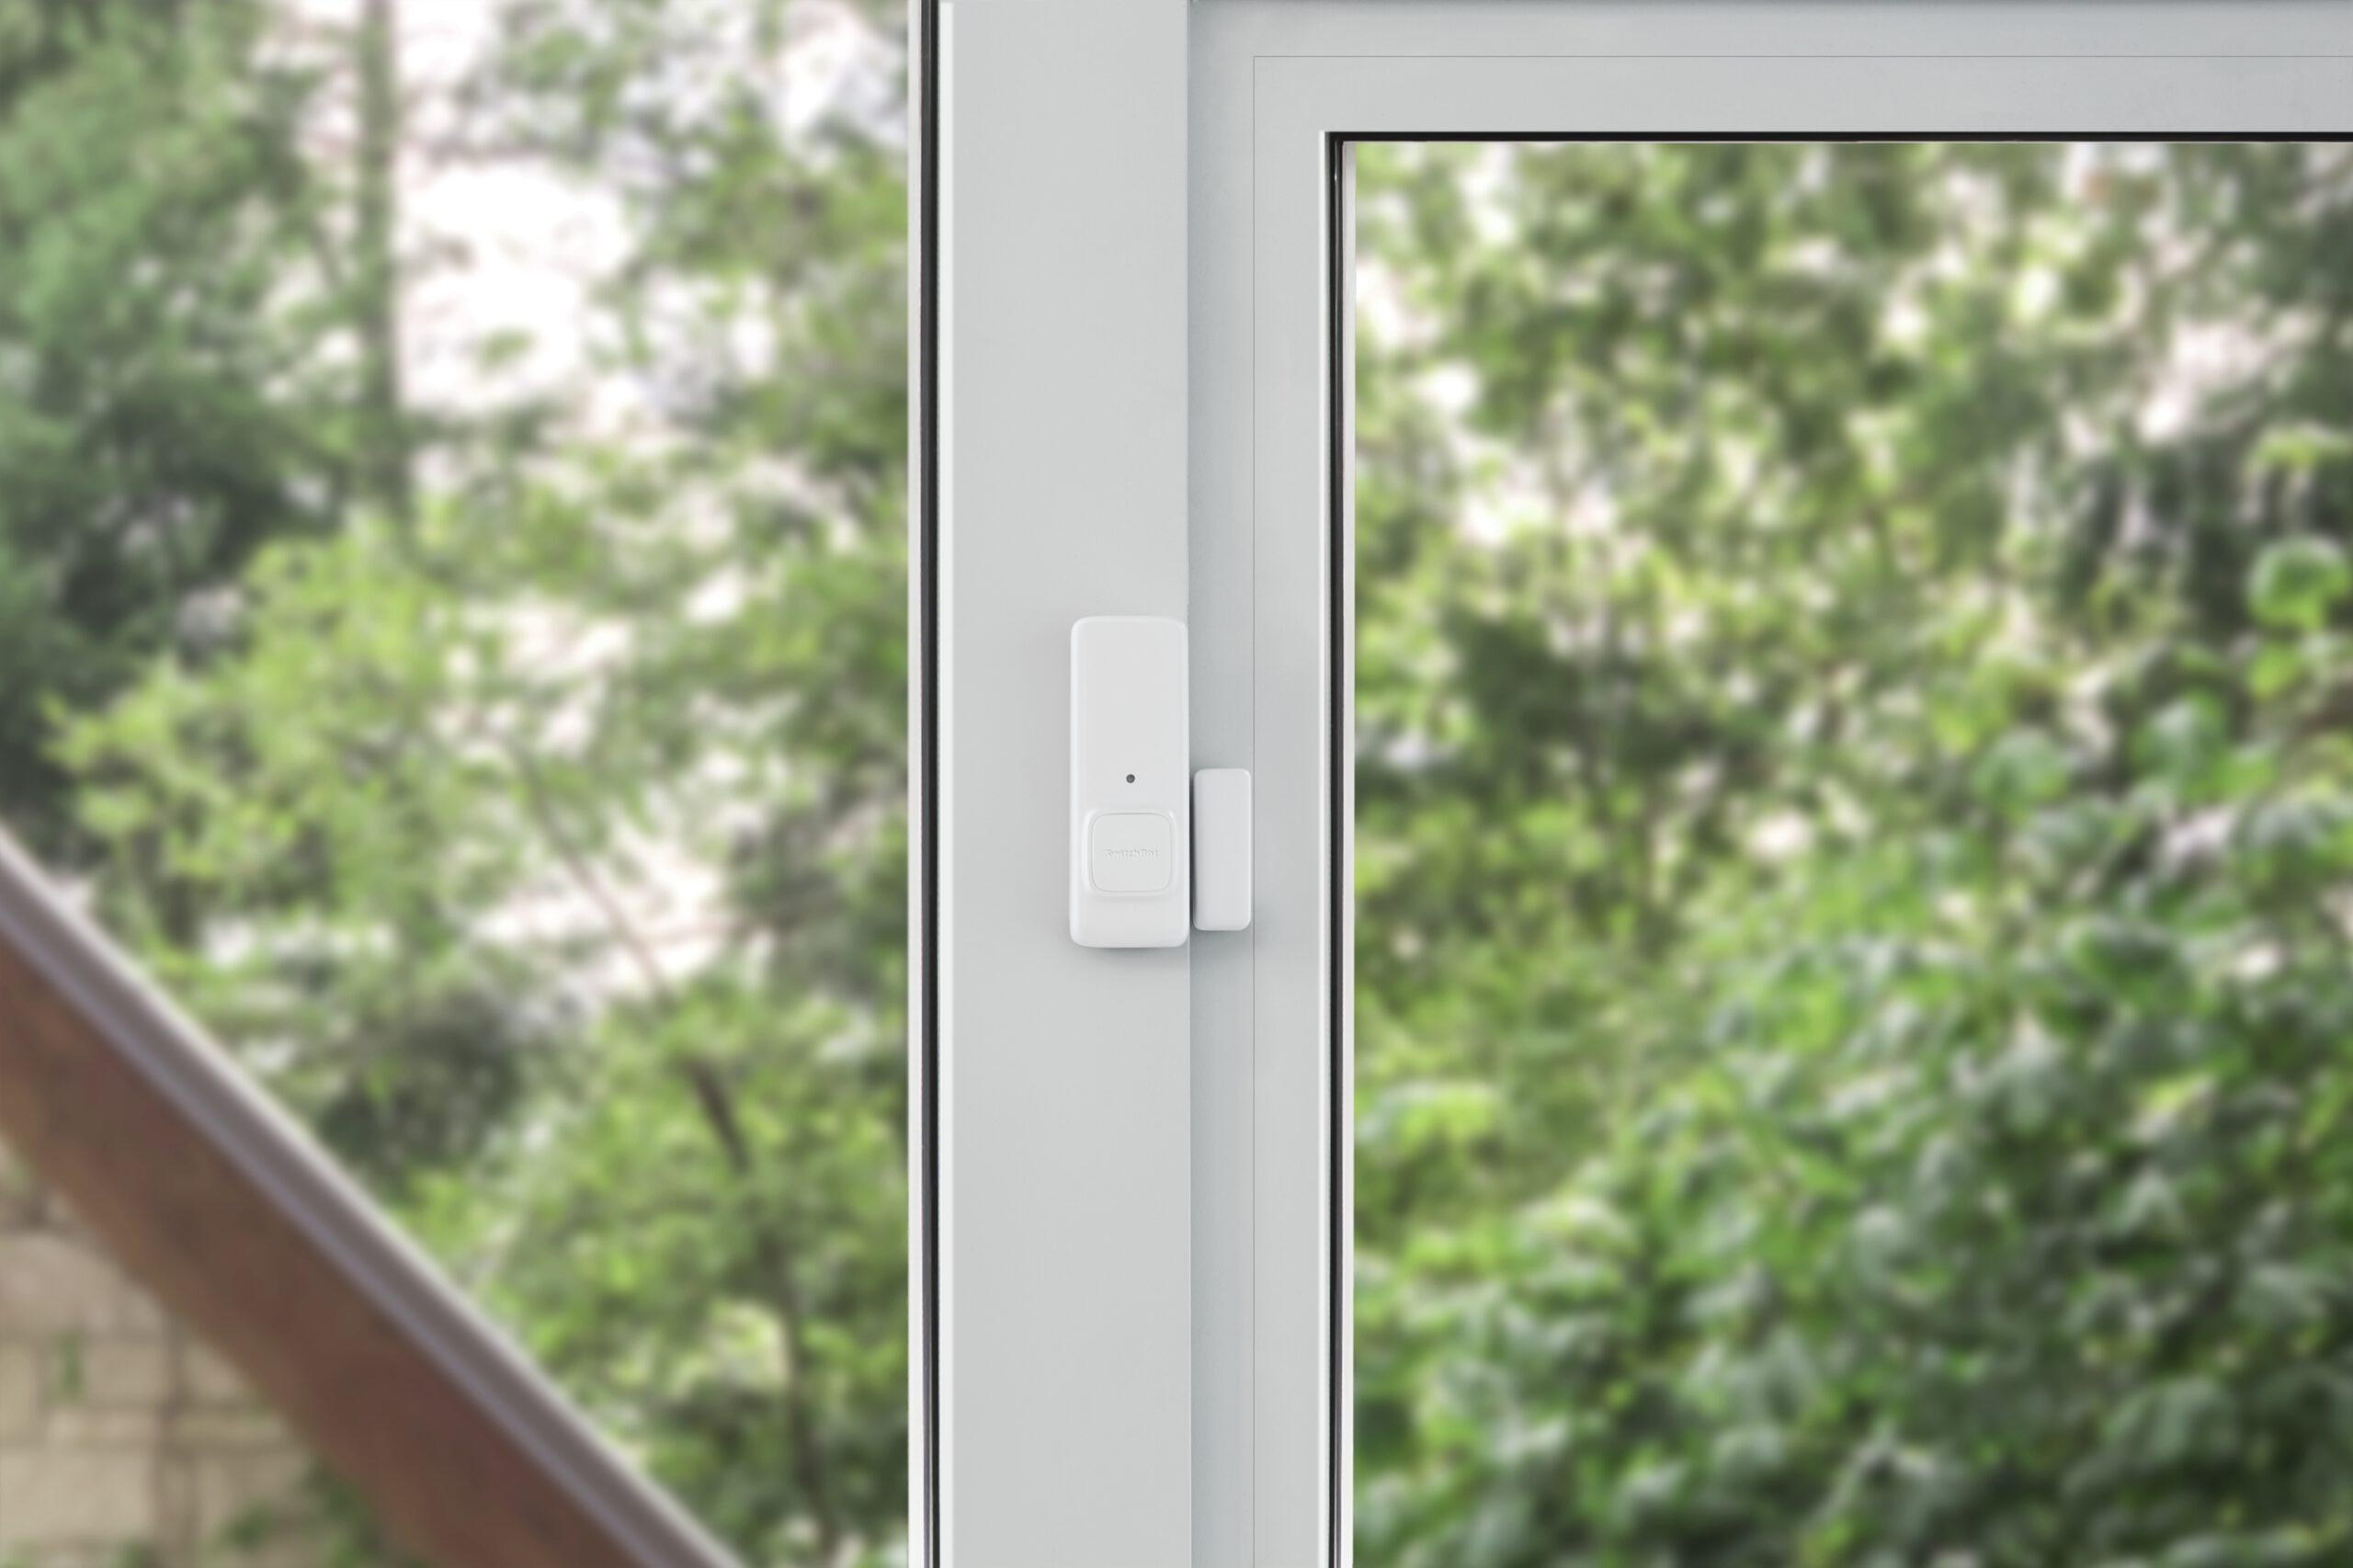 Schaubild, welches beispielhaft den Einsatz des Switchbot Contact Sensor an einem Fenster zeigt.